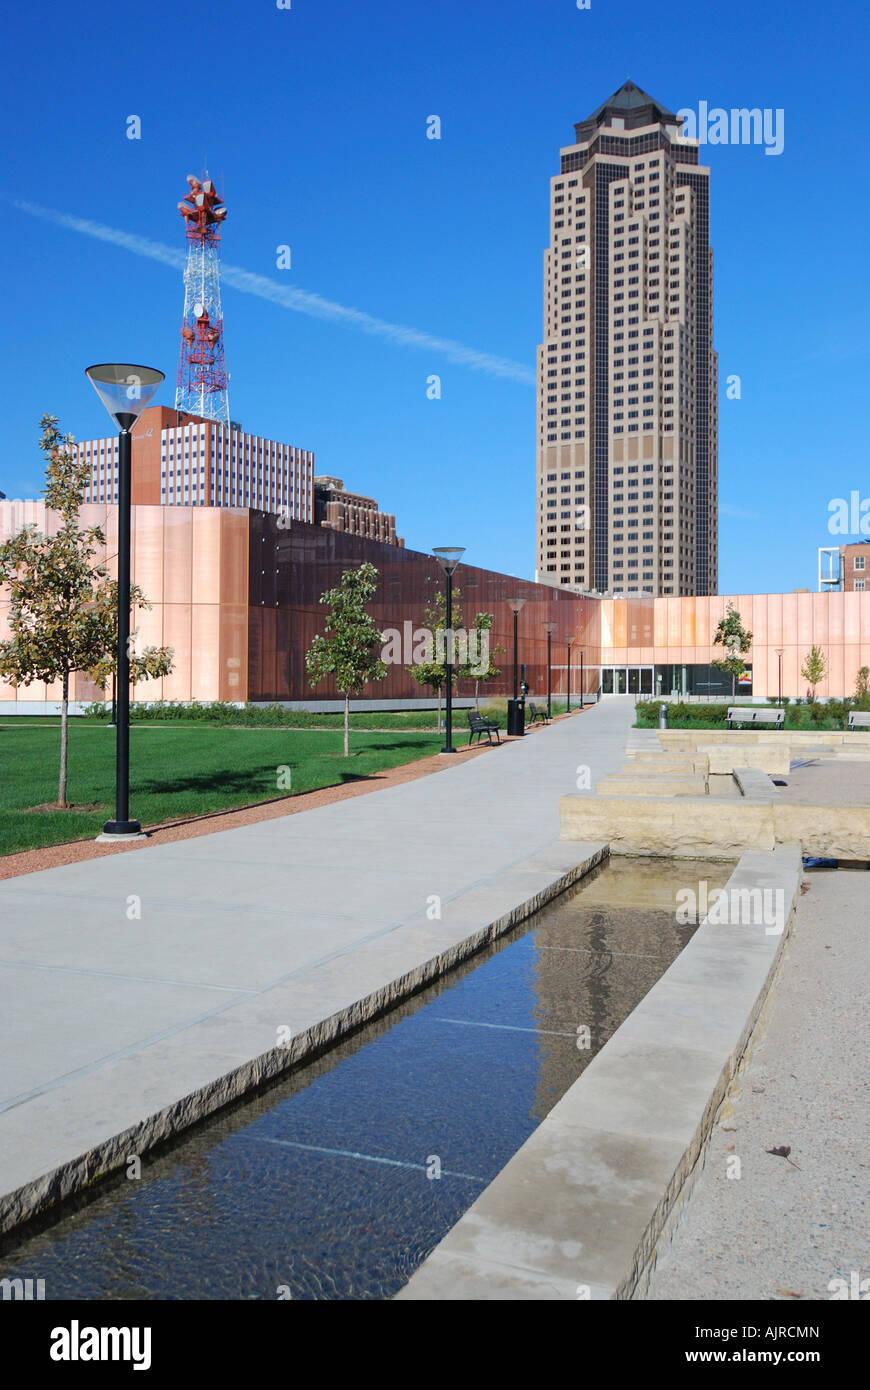 Del centro de la ciudad de Des Moines skyline con el nuevo edificio ...